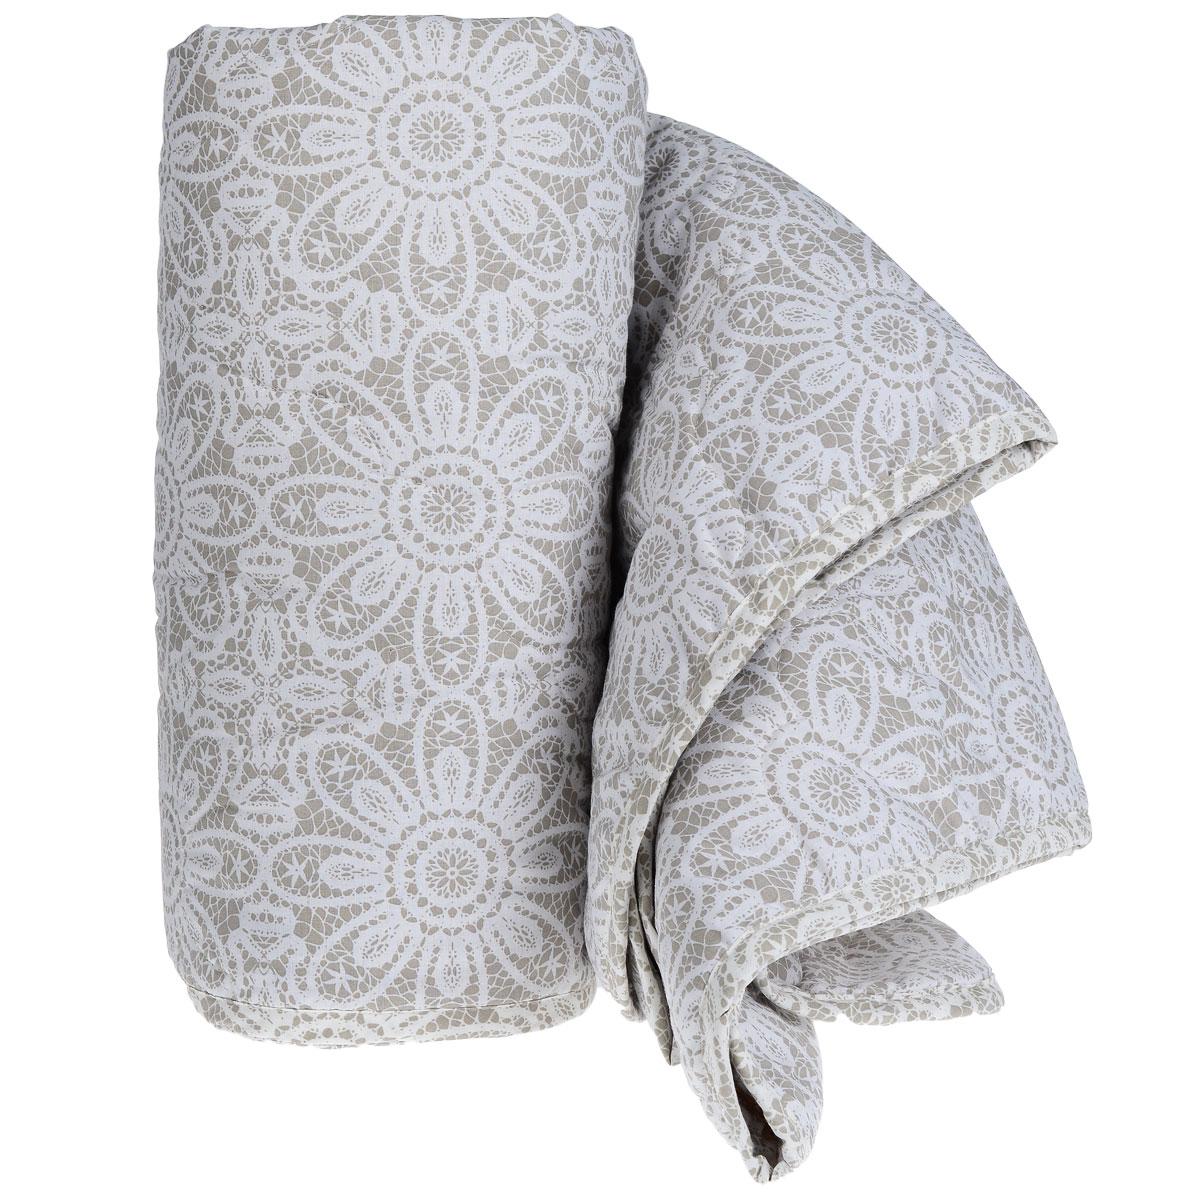 Одеяло летнее Green Line, наполнитель: льняное волокно, 200 см х 220 см189236Летнее одеяло Green Line подарит незабываемое чувство комфорта и уюта во время сна. Верх выполнен из ранфорса (100% хлопок) с красивым рисунком, напоминающим кружево. Внутри - наполнитель из льняного волокна. Это экологически чистый натуральный материал, который позаботится о вашем здоровье и подарит комфортный сон. Лен обладает уникальными свойствами: он холодит в жару и согревает в холод, он полезен для здоровья, так как является природным антисептиком. Благодаря пористой структуре, ткань дышит и создается эффект активного дыхания. Стежка и кант по краю не позволяют наполнителю скатываться и равномерно удерживают его внутри. Одеяло легкое и тонкое - оно идеально подойдет для лета, под ним будет прохладно и комфортно спать в жару. Рекомендации по уходу: - запрещается стирка в стиральной машине и вручную, - не отбеливать, - нельзя отжимать и сушить в стиральной машине, - не гладить, - химчистка с мягкими растворителями, - сушить вертикально.Материал чехла: ранфорс (100% хлопок).Наполнитель: лен (натуральное волокно 90%, полиэстер 10%). Размер: 200 см х 220 см.Масса наполнителя: 150 г/м2.